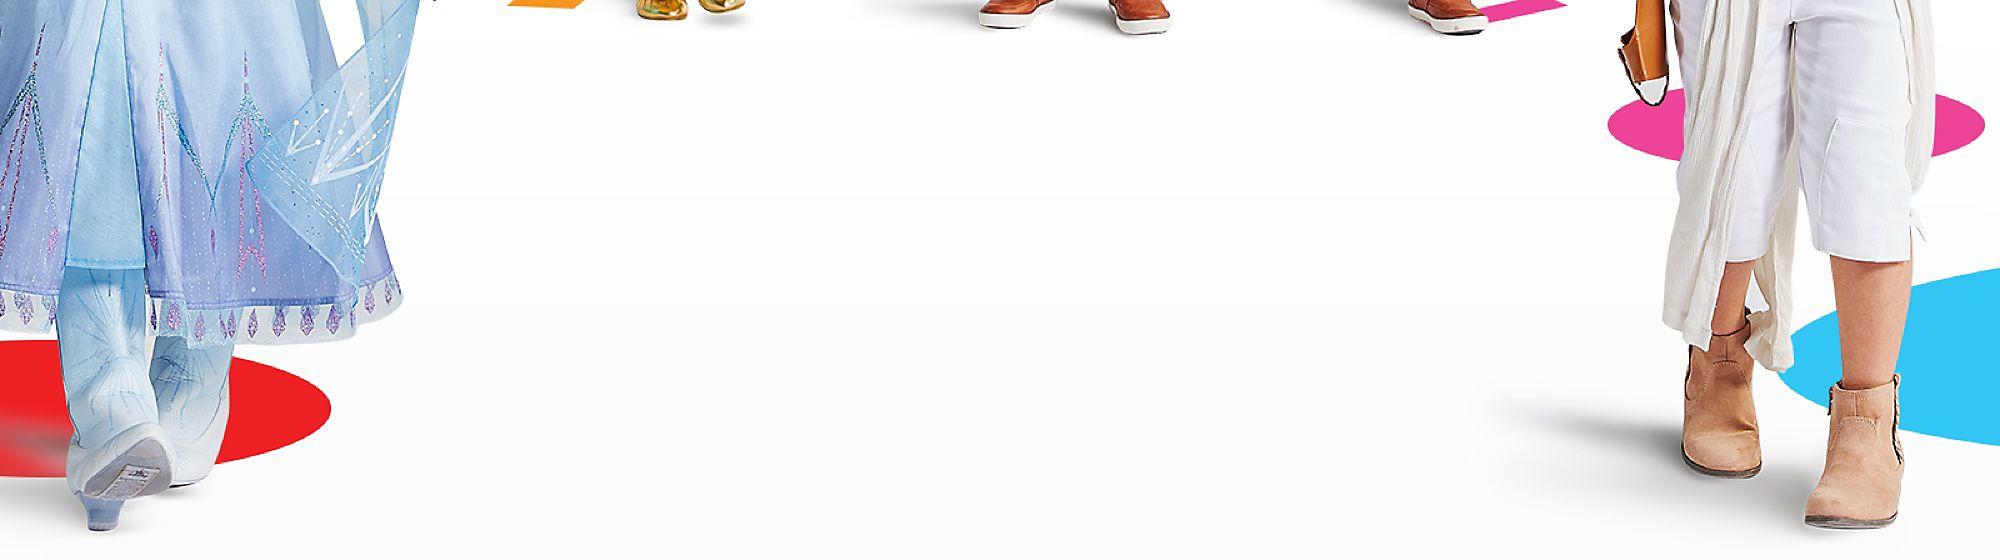 Mardi gras : Costumes et Origines de la fête Vous êtes à la recherche de déguisements de carnaval originaux pour enfants? Nous vous avons sélectionné les meilleurs costumes de carnaval pour garçons et filles afin que vous puissiez transformer vos enfants en leurs personnages Disney préférés. Au choix : Spiderman, les déguisements la Reine des Neiges ou d'autres costumes pour faire vivre à vos enfants un mardi gras magique. Découvrez les différents costumes et amusez-vous à choisir le déguisement de mardi gras idéal. VOIR LA COLLECTION